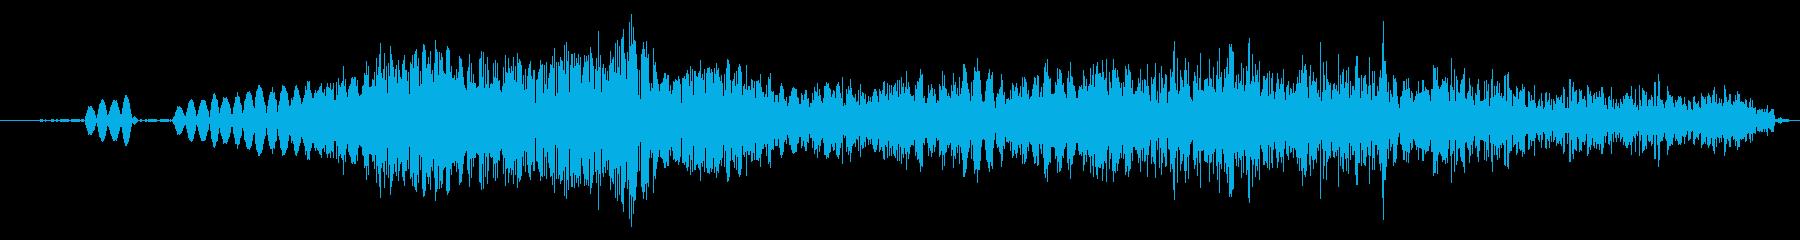 システム画面ウインドウを開ける/閉じる1の再生済みの波形